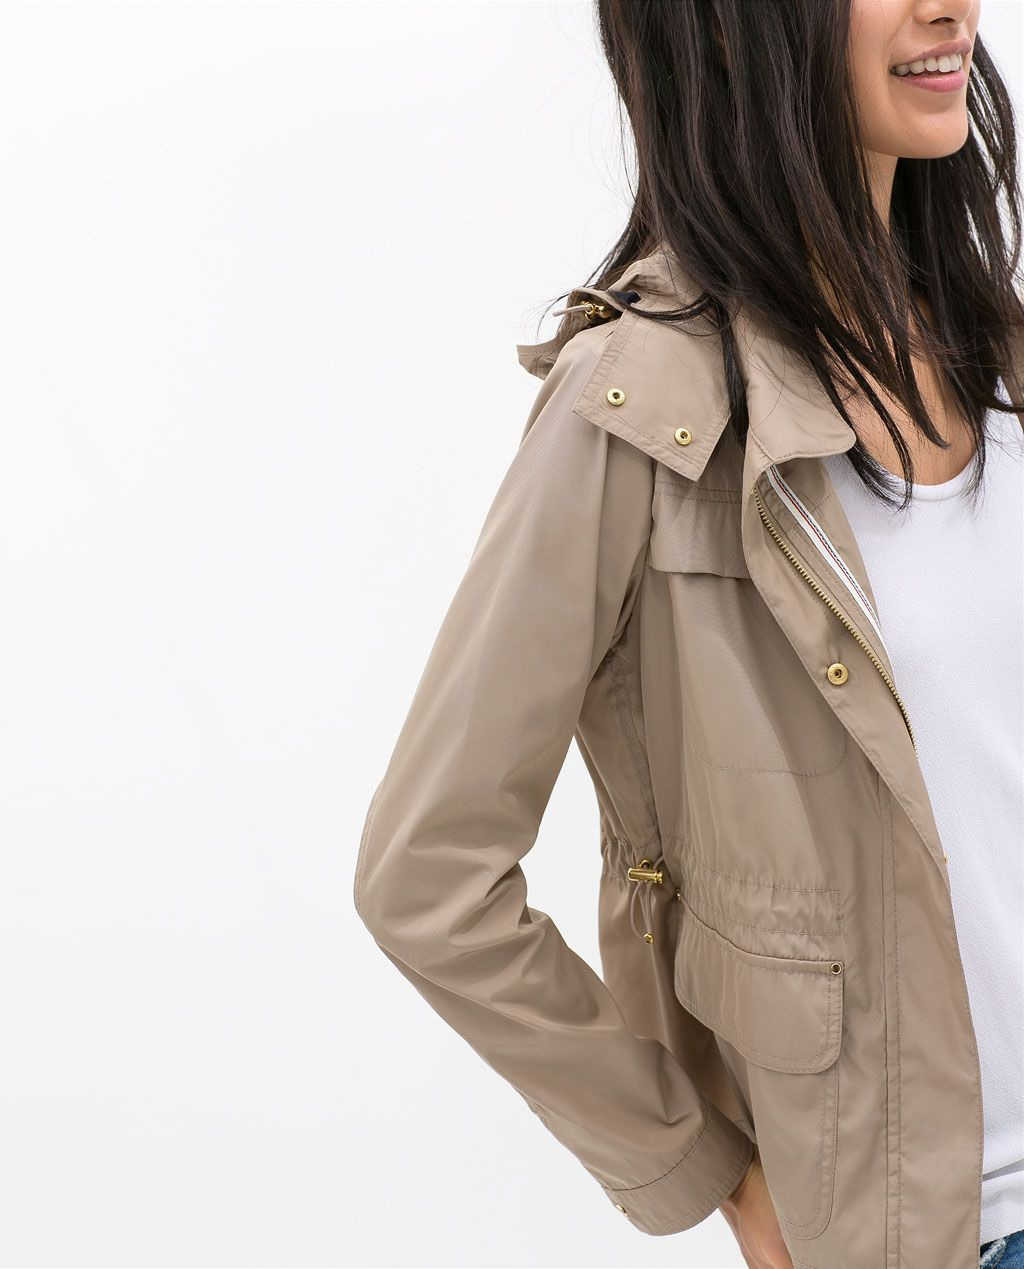 Zara Woman Jacket With Pockets Jackets Outerwear Outerwear Women [ 1269 x 1024 Pixel ]